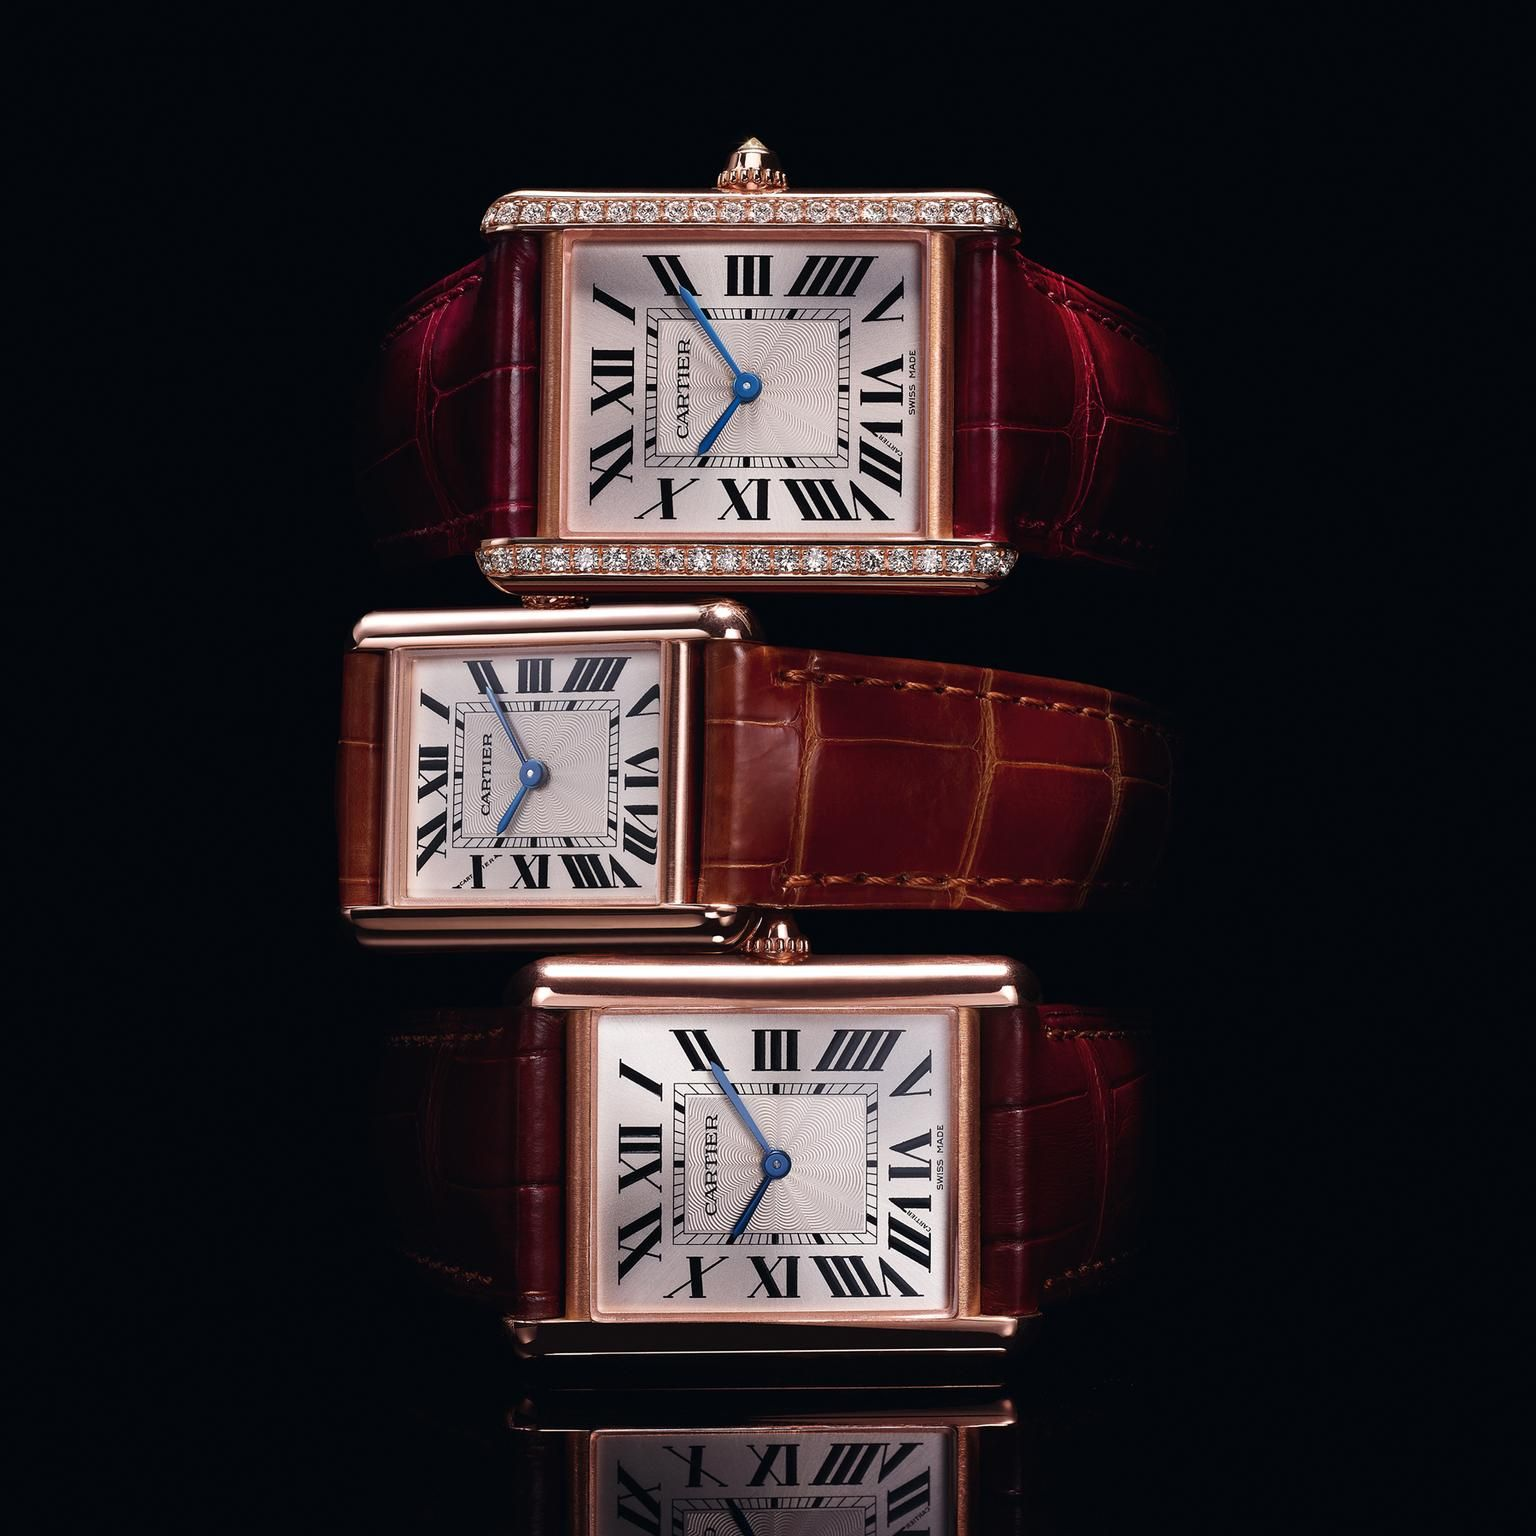 Perché molti uomini stanno indossando orologi che non funzionano